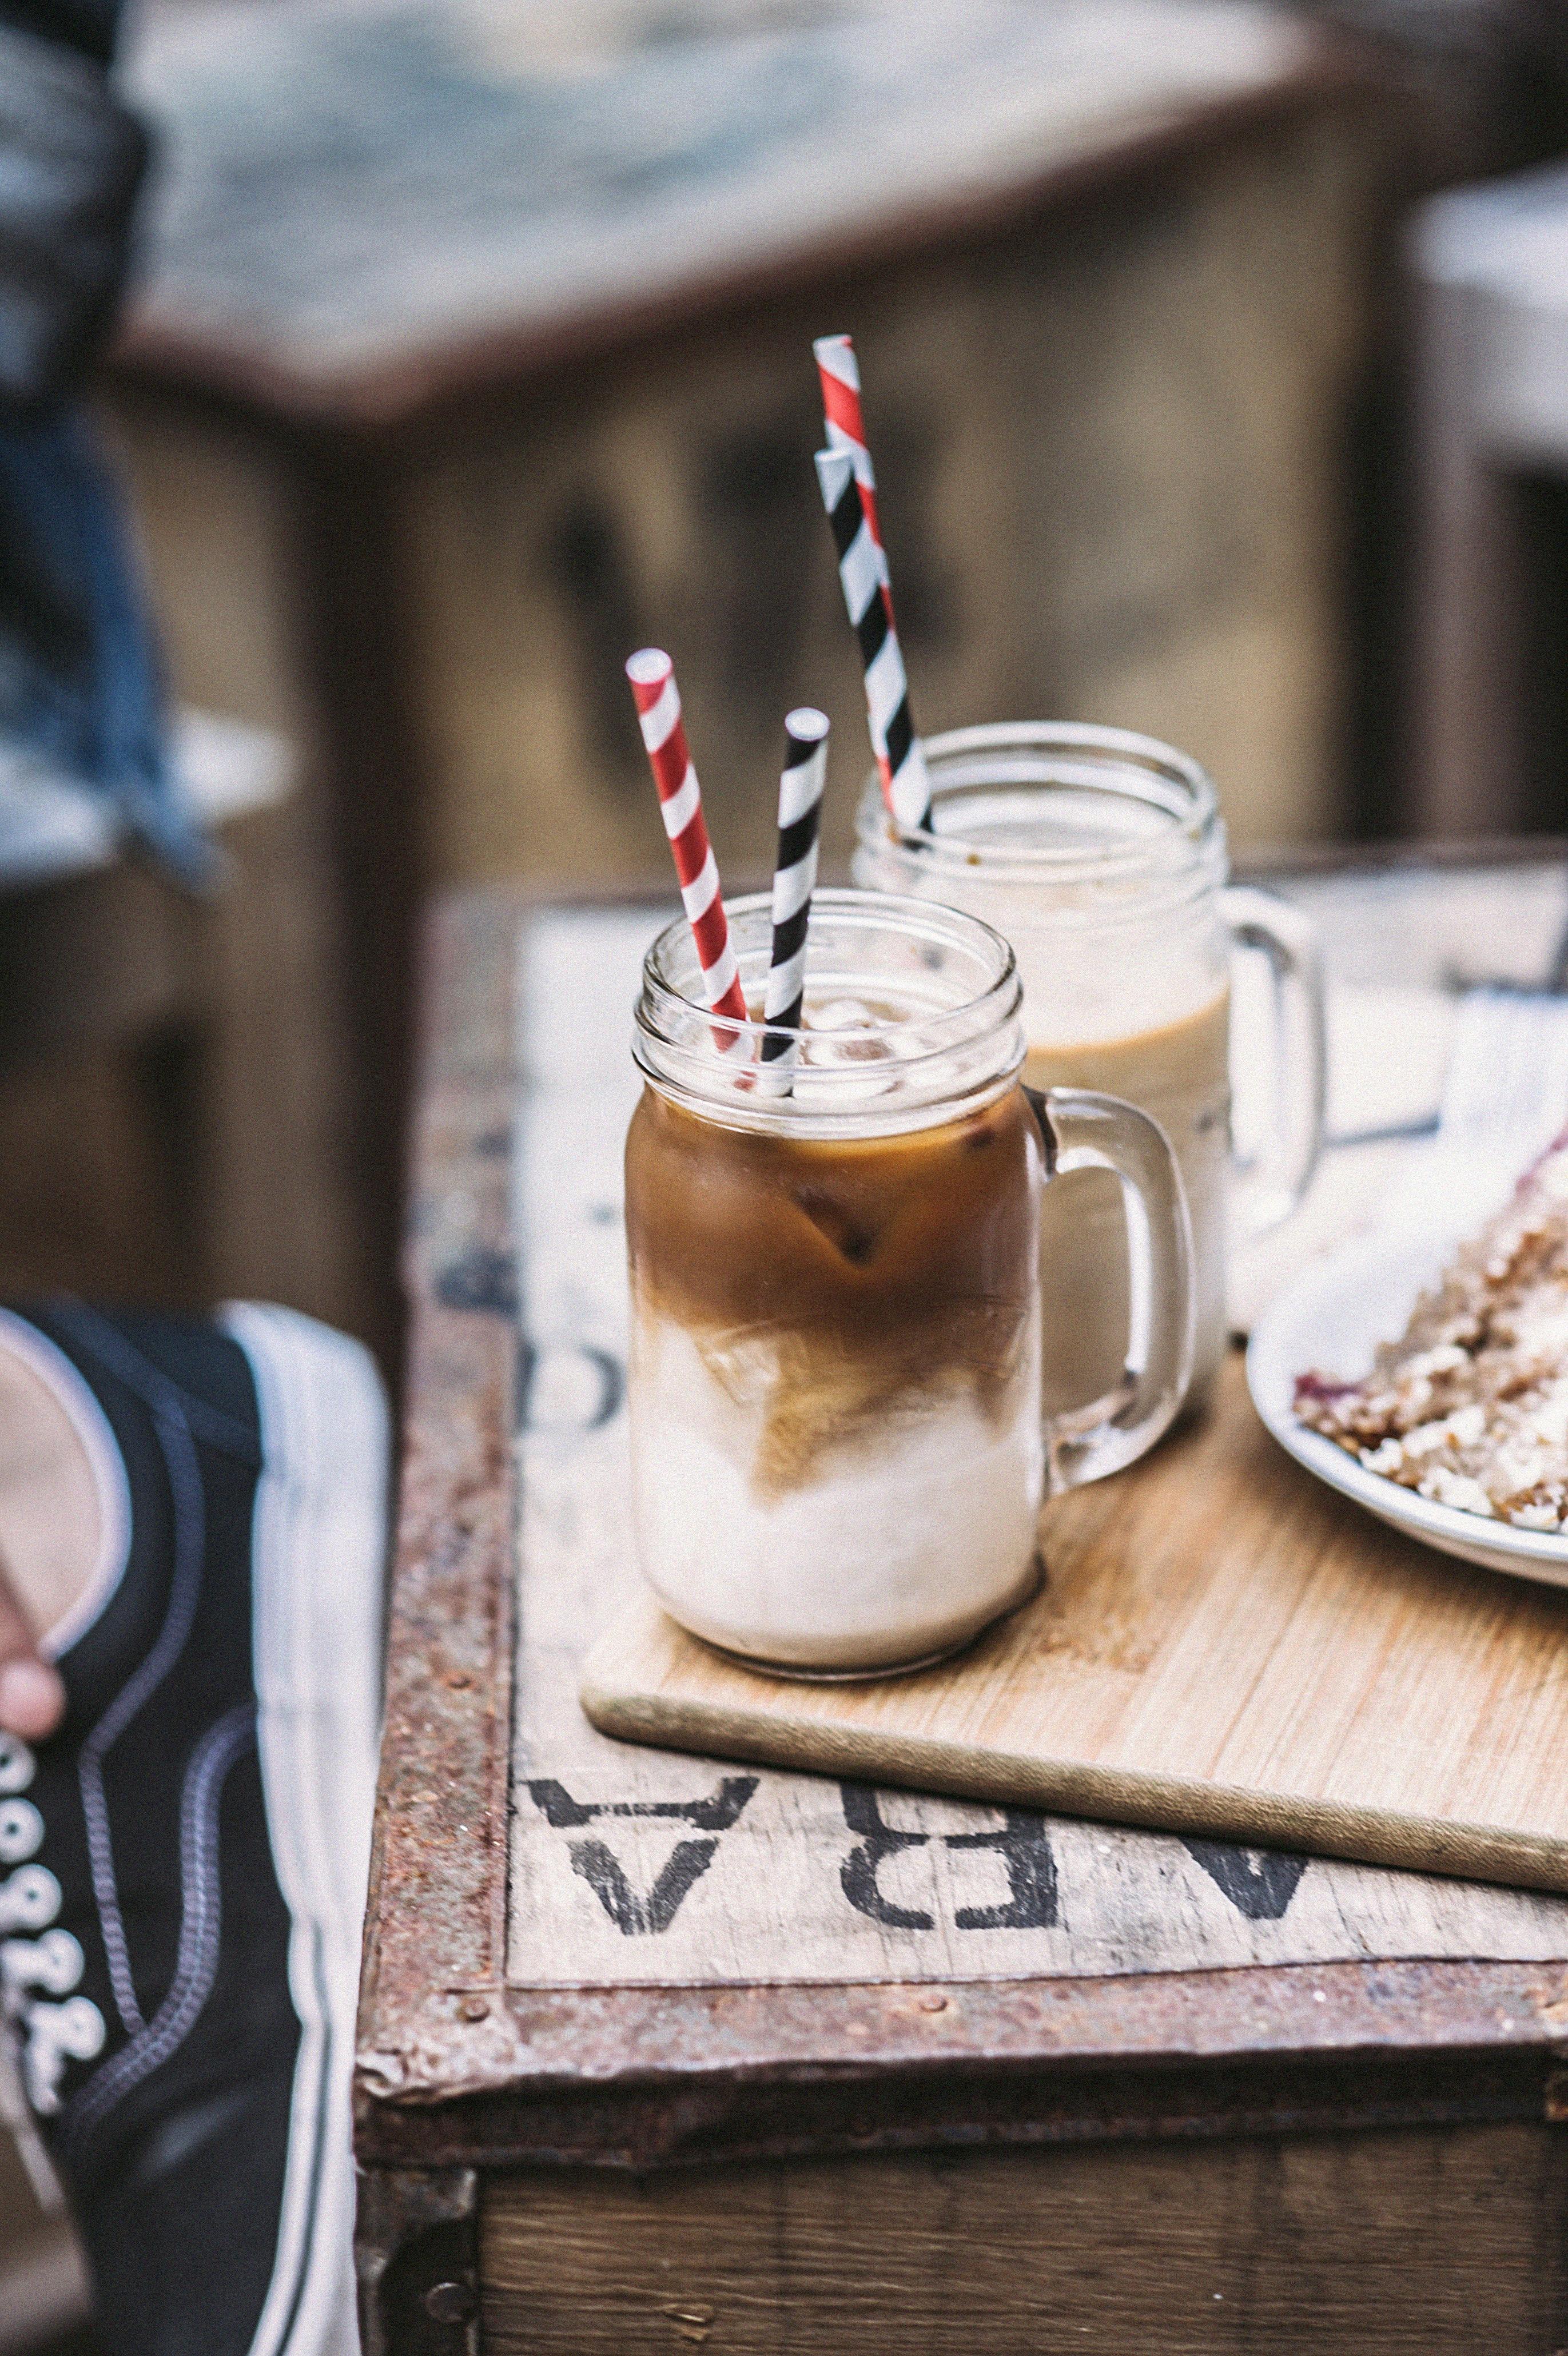 Two Clear Mason Jars, Blur, Breakfast, Close -up, Drinks, HQ Photo